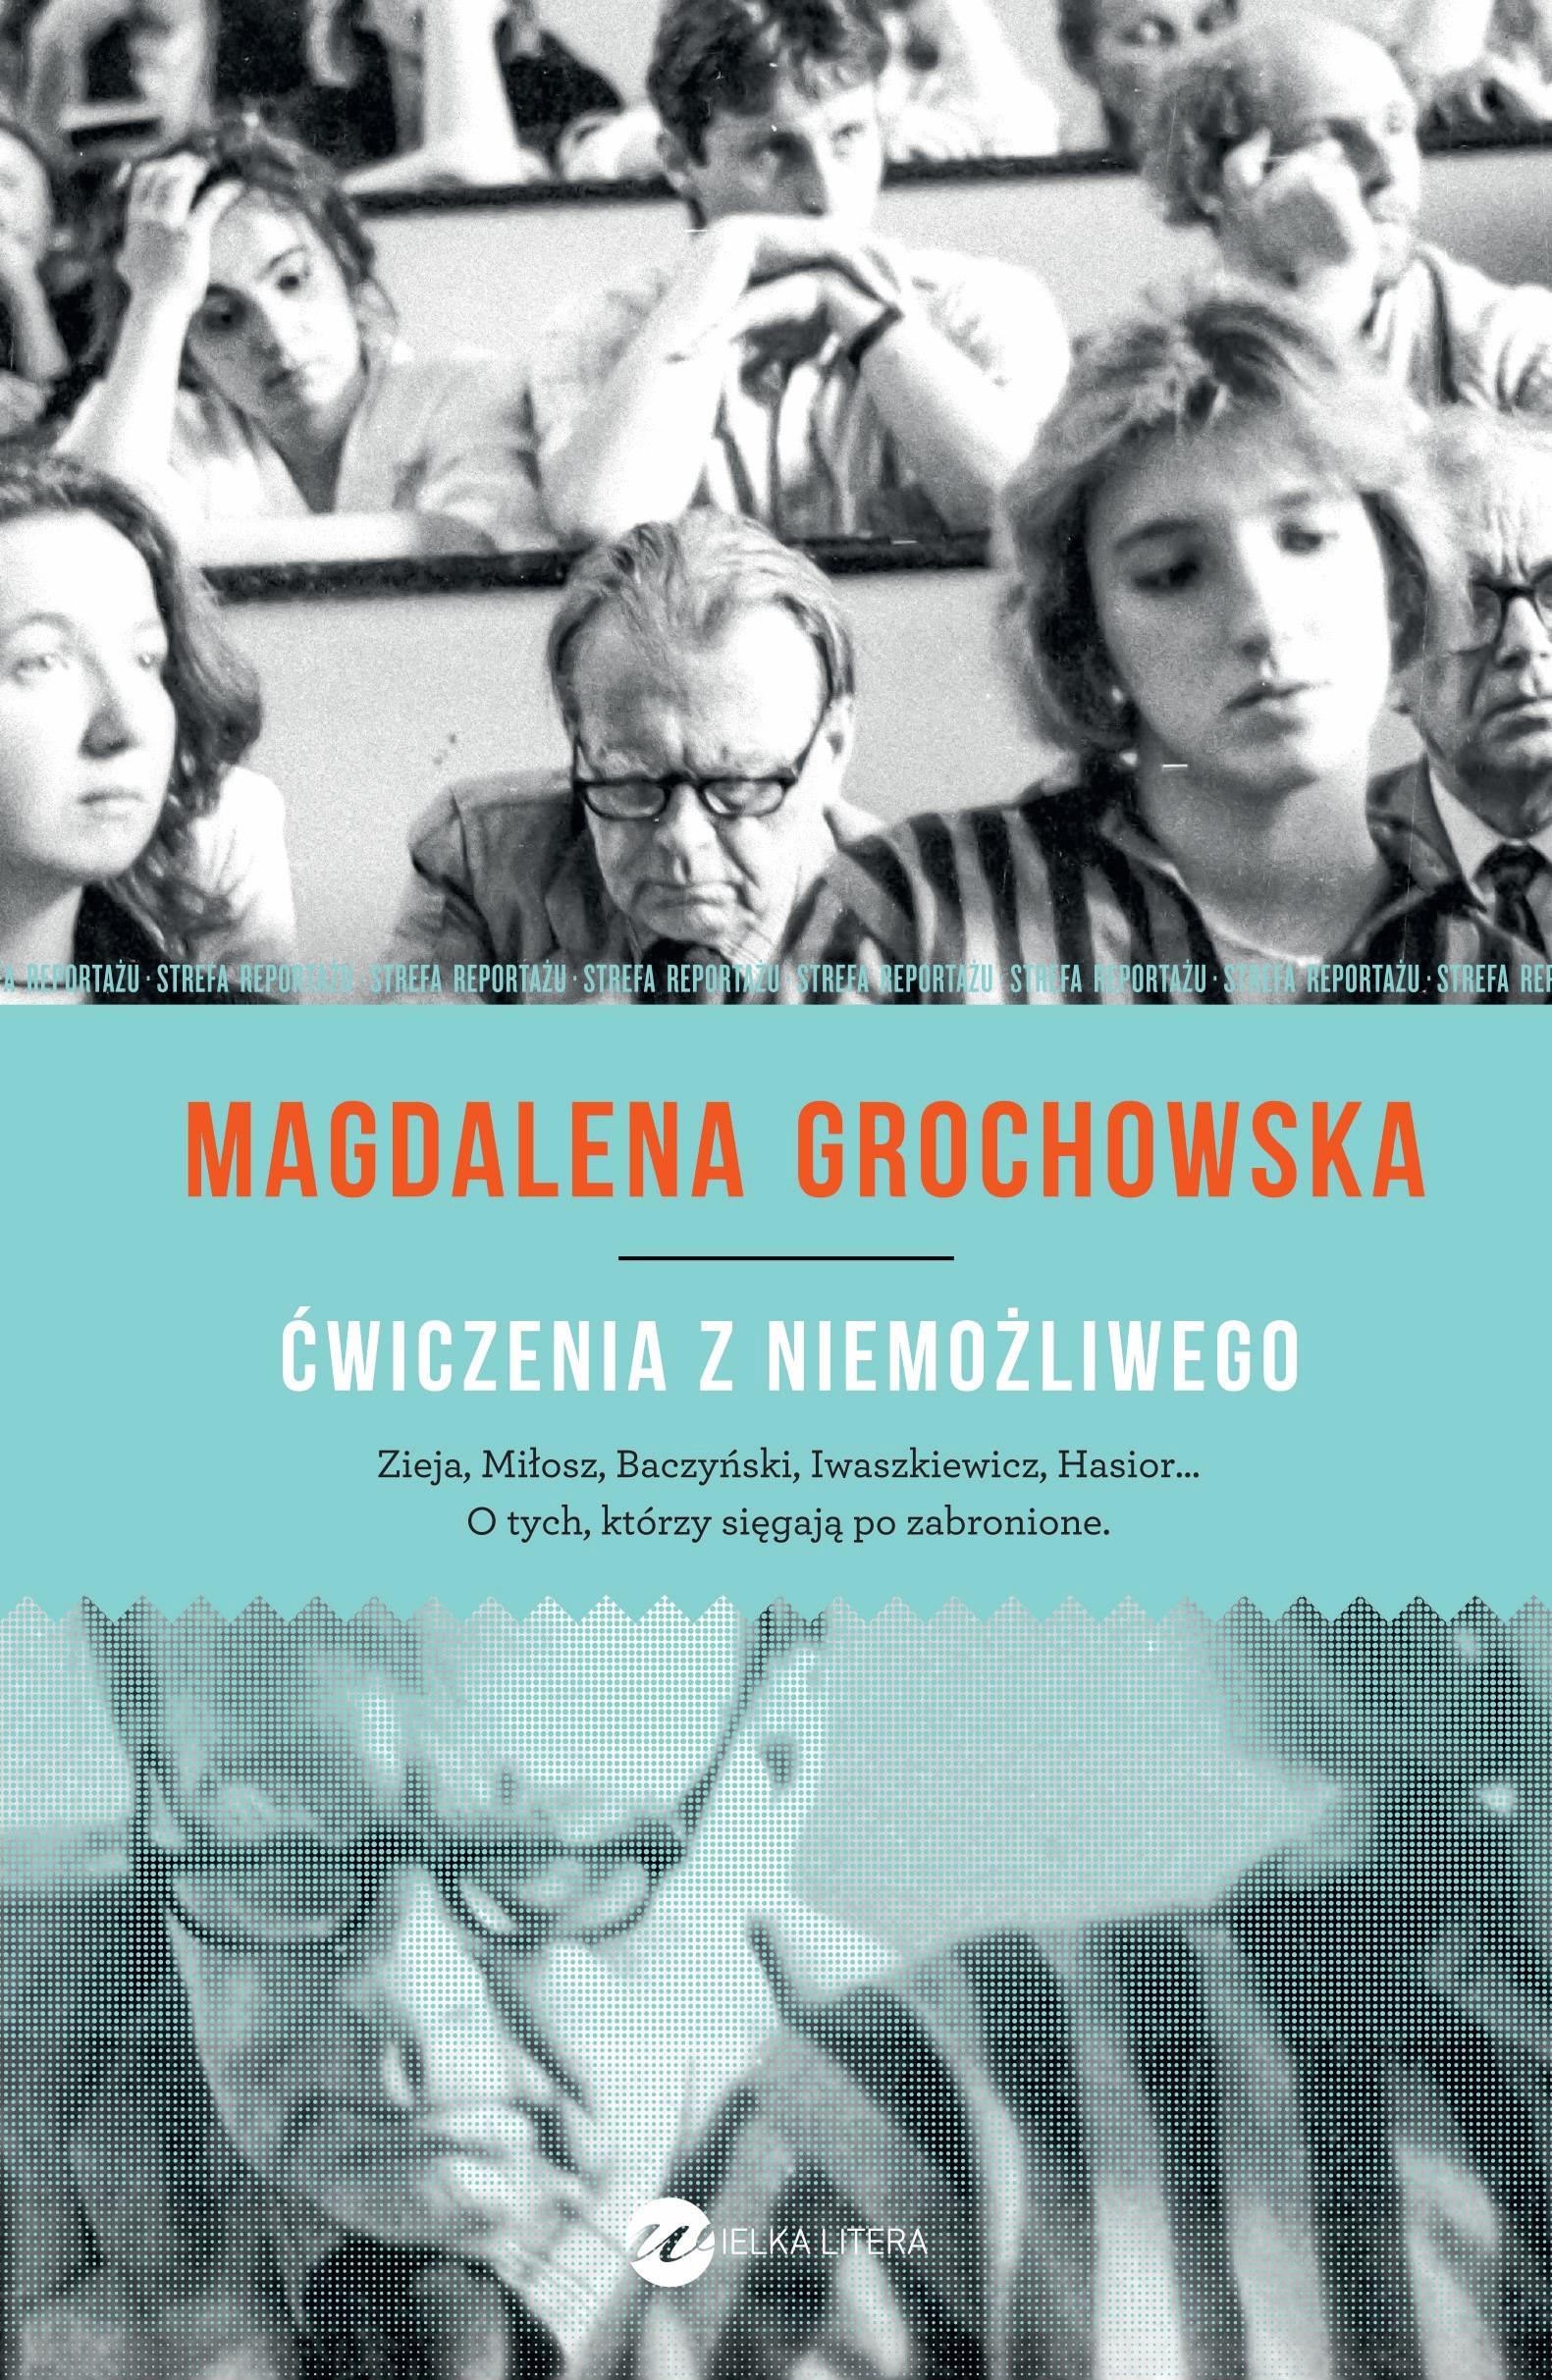 Ćwiczenia z niemożliwego - Tylko w Legimi możesz przeczytać ten tytuł przez 7 dni za darmo. - Magdalena Grochowska